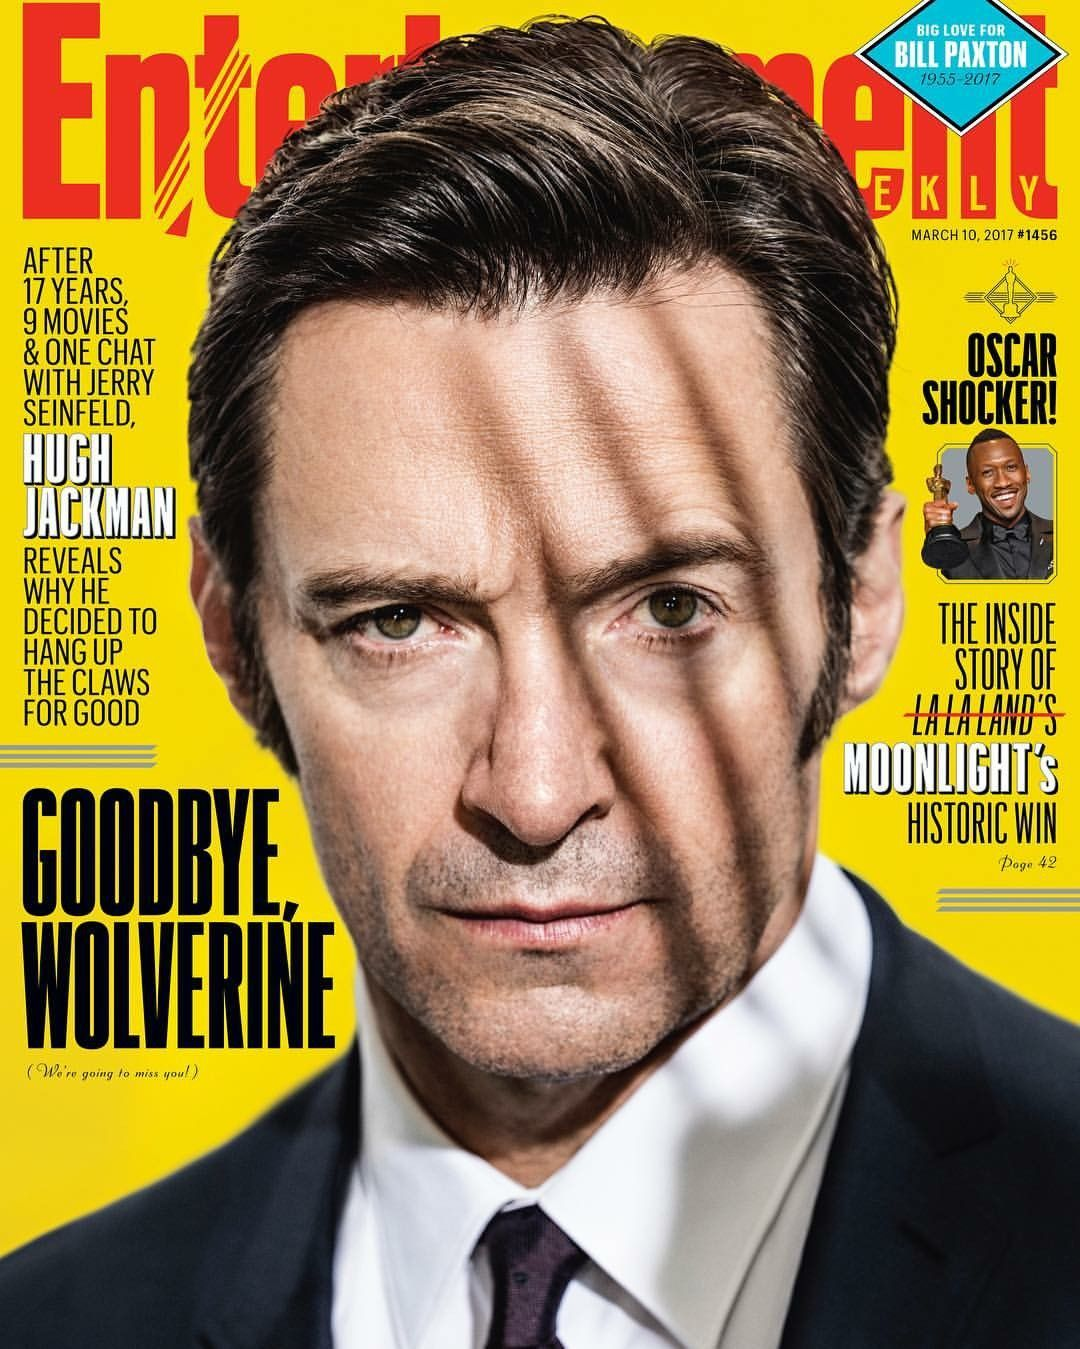 Pin Von Michellecarrick Auf Hugh Jackman Hugh Jackman Entertainment Weekly Promis